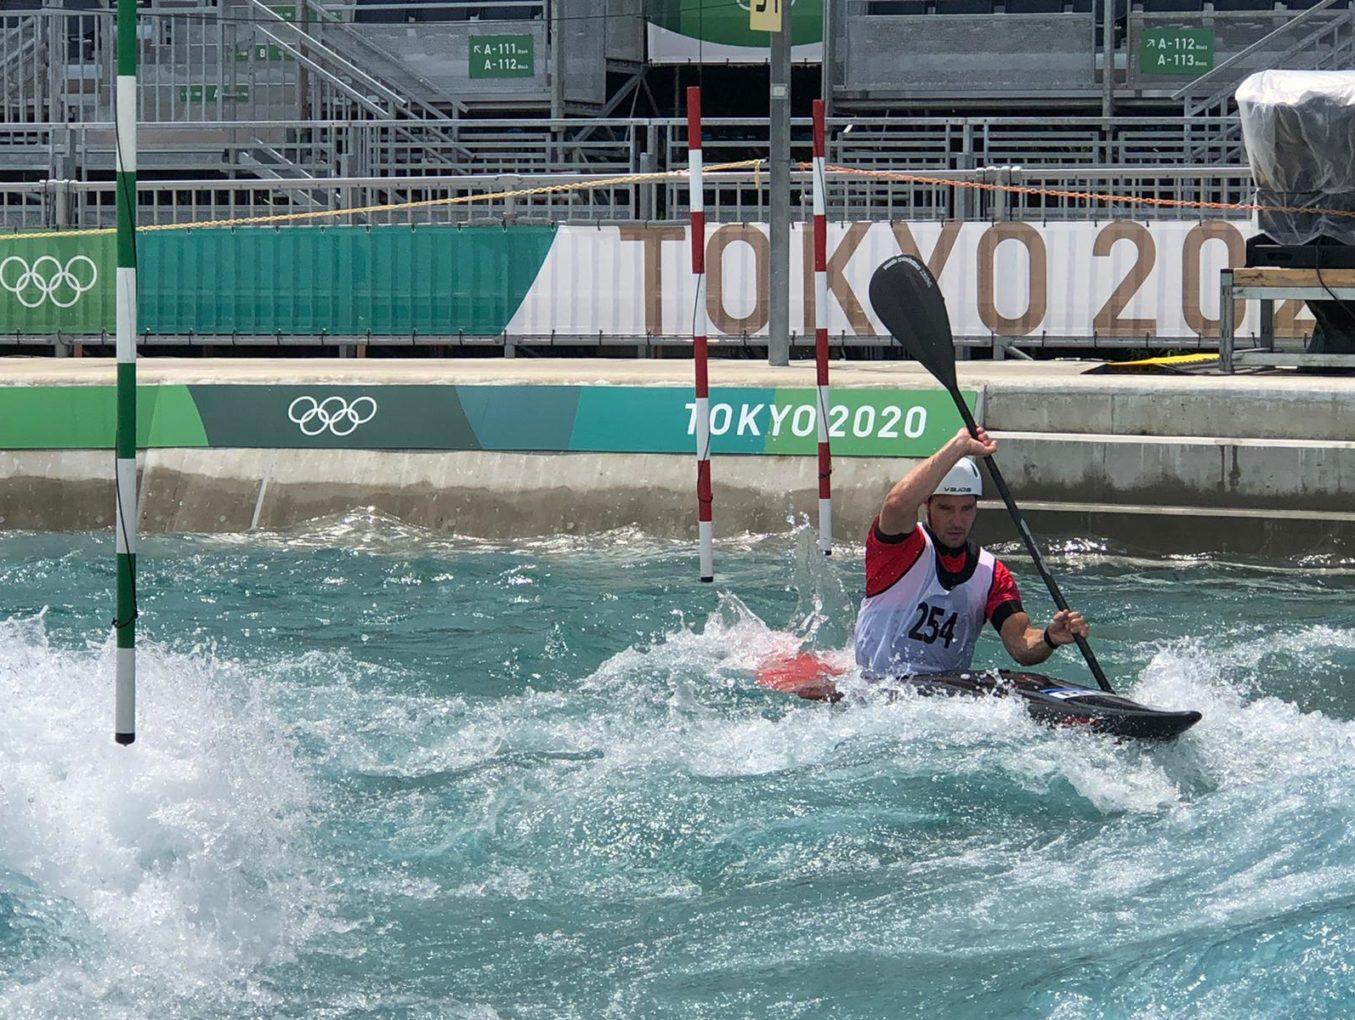 Москвич Павел Эйгель прошел адаптацию в Токио и ждет старта Олимпийских игр